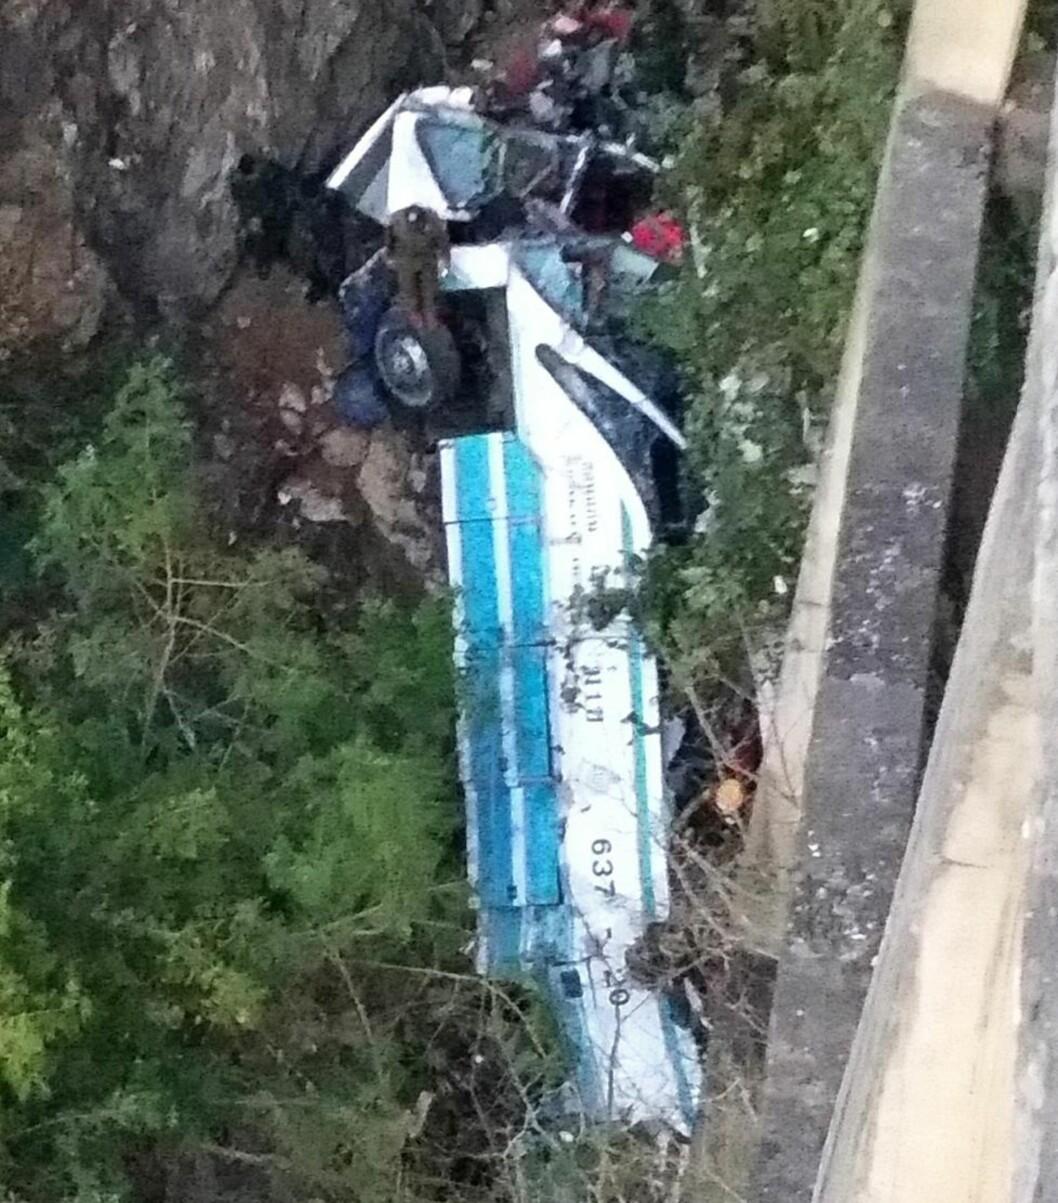 <strong>STYRTET I DØDEN:</strong> Bussen kjørte av brua, som er en av Thailands høyeste, i Phetchabun-provinsen nordøst i landet. Minst 29 mennesker omkom. Foto: SCANPIX/AFP PHOTO